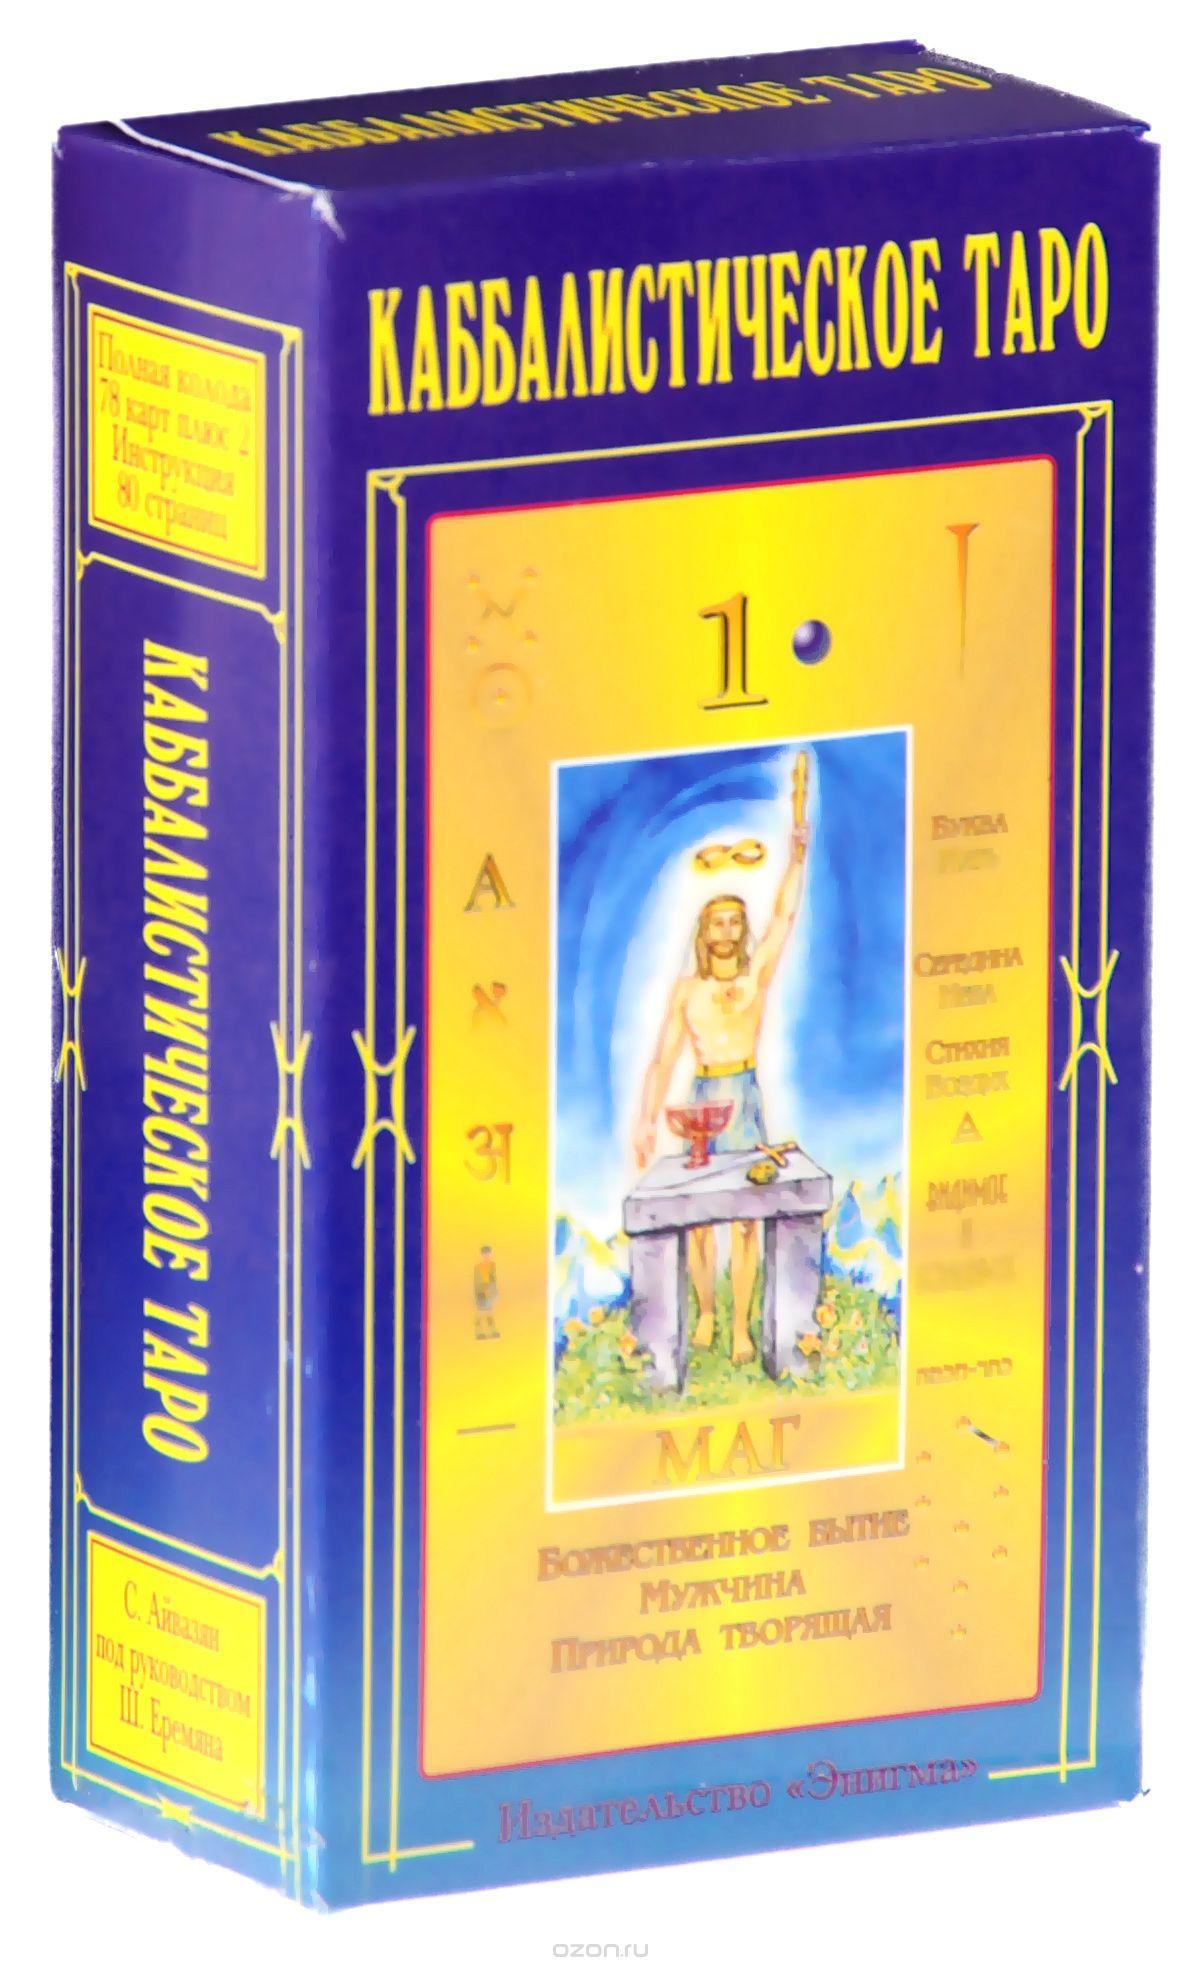 С. Айвазян: Каббалистическое таро Г. О. М. 80 карт (+ инструкция) Уцененный товар (№2)